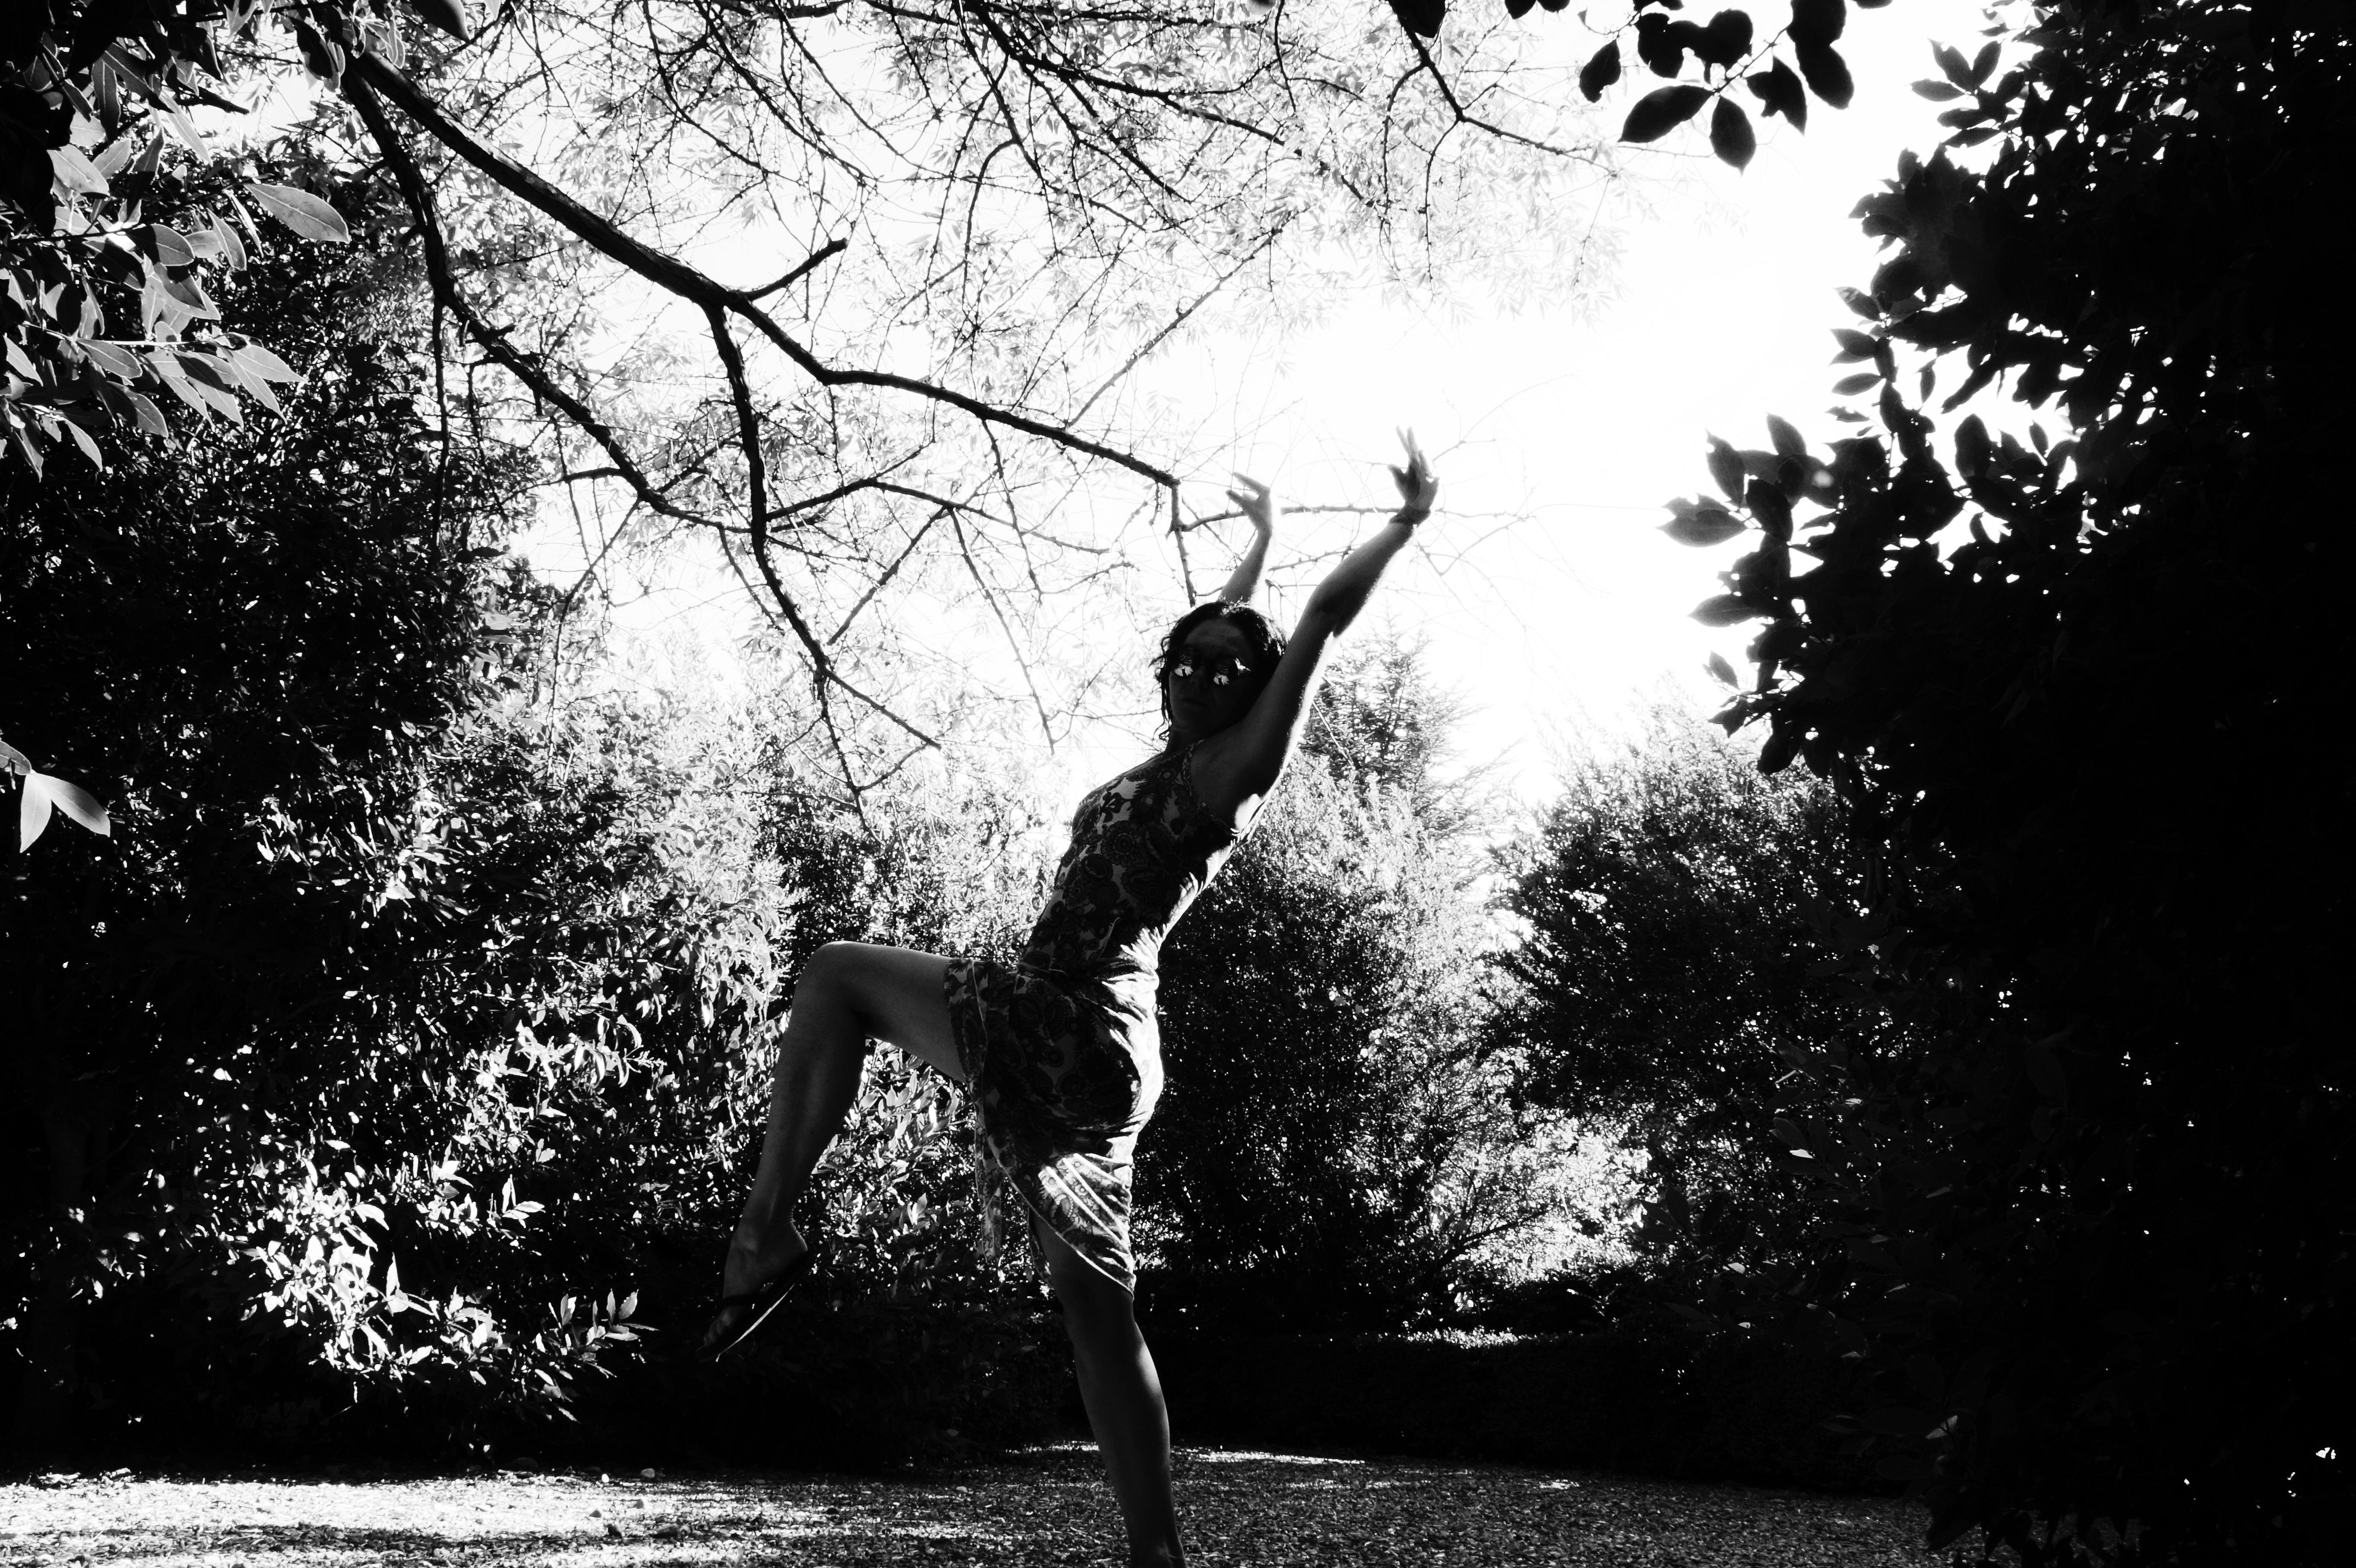 Woman dancing in a garden